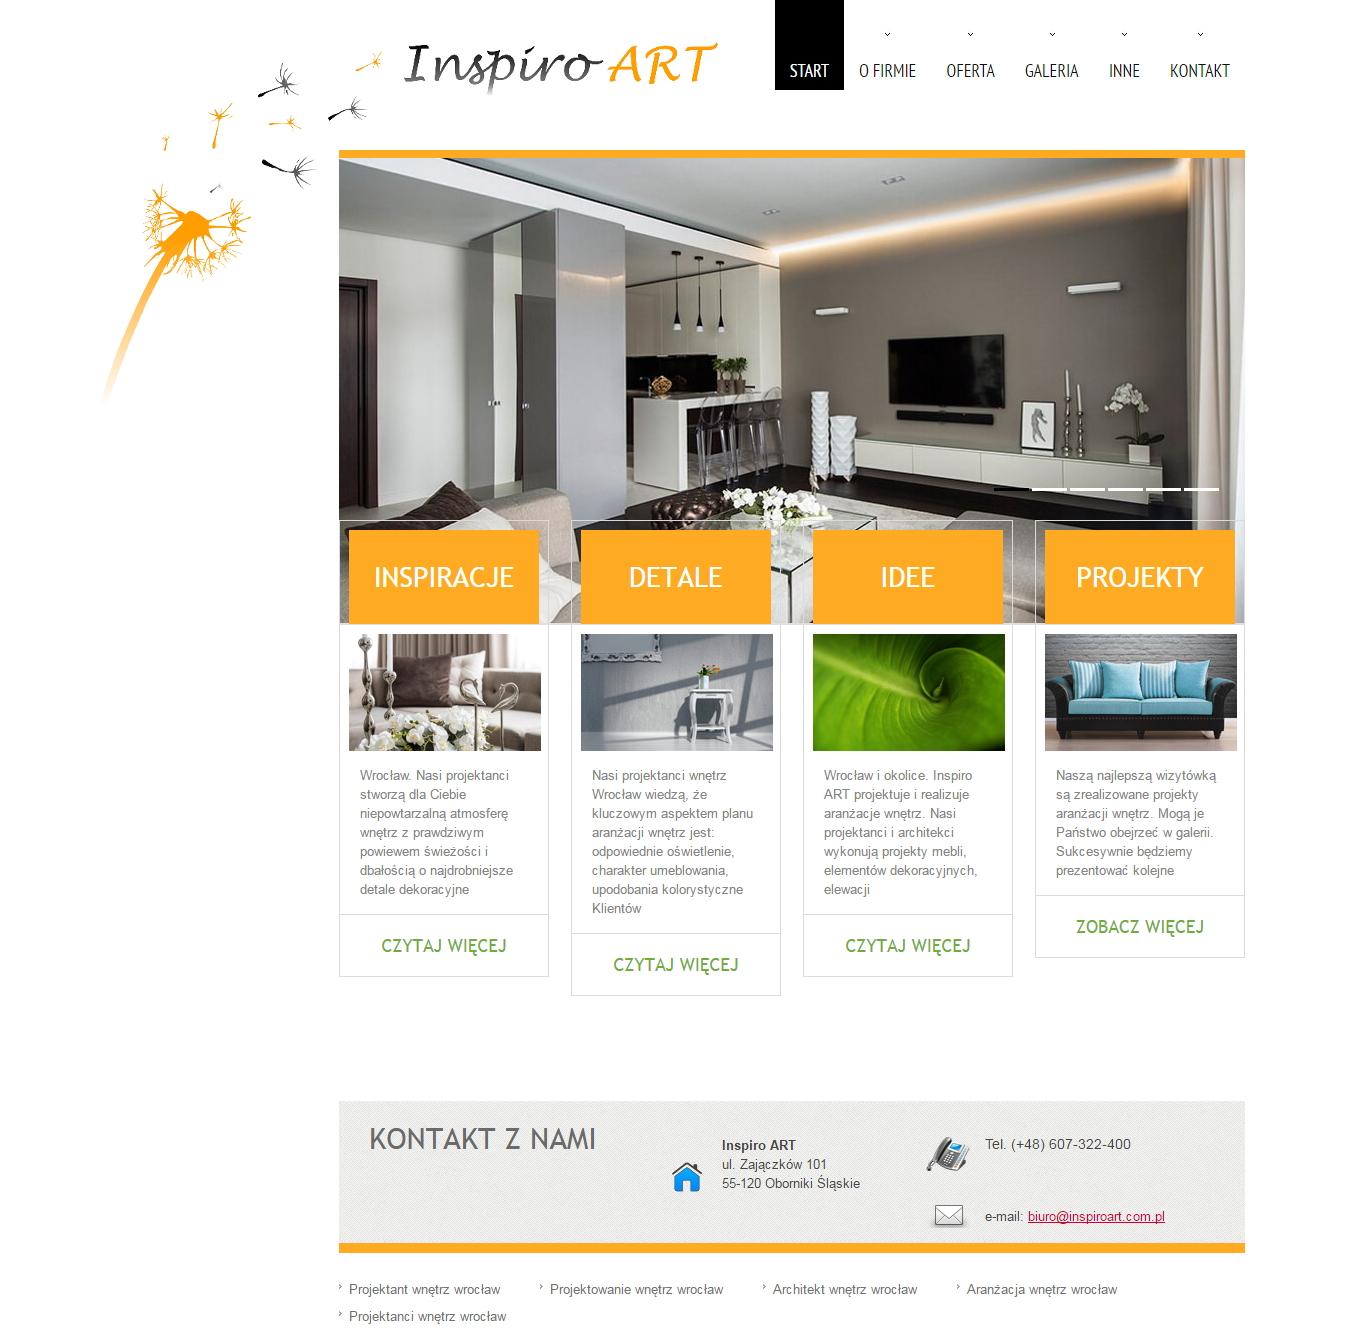 Anna Ryzner - Projektant wnêtrz, architekt wnêtrz Wroc³aw | Inspiro ART